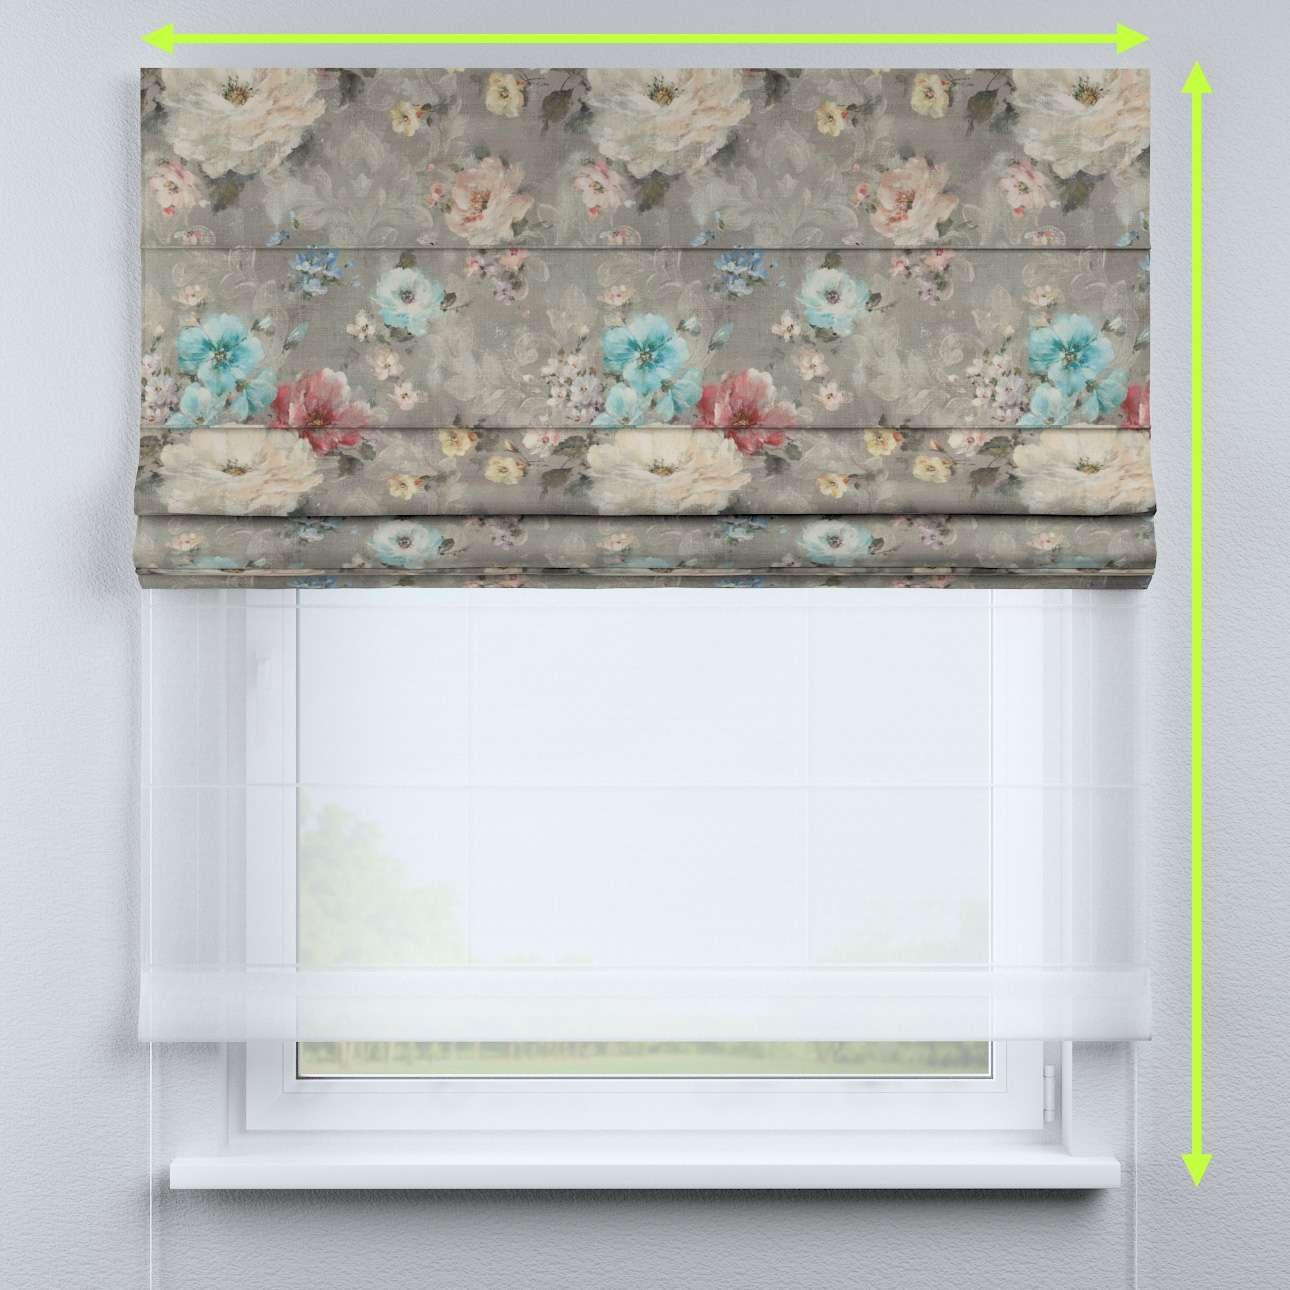 DUO Rímska roleta V kolekcii Monet, tkanina: 137-81